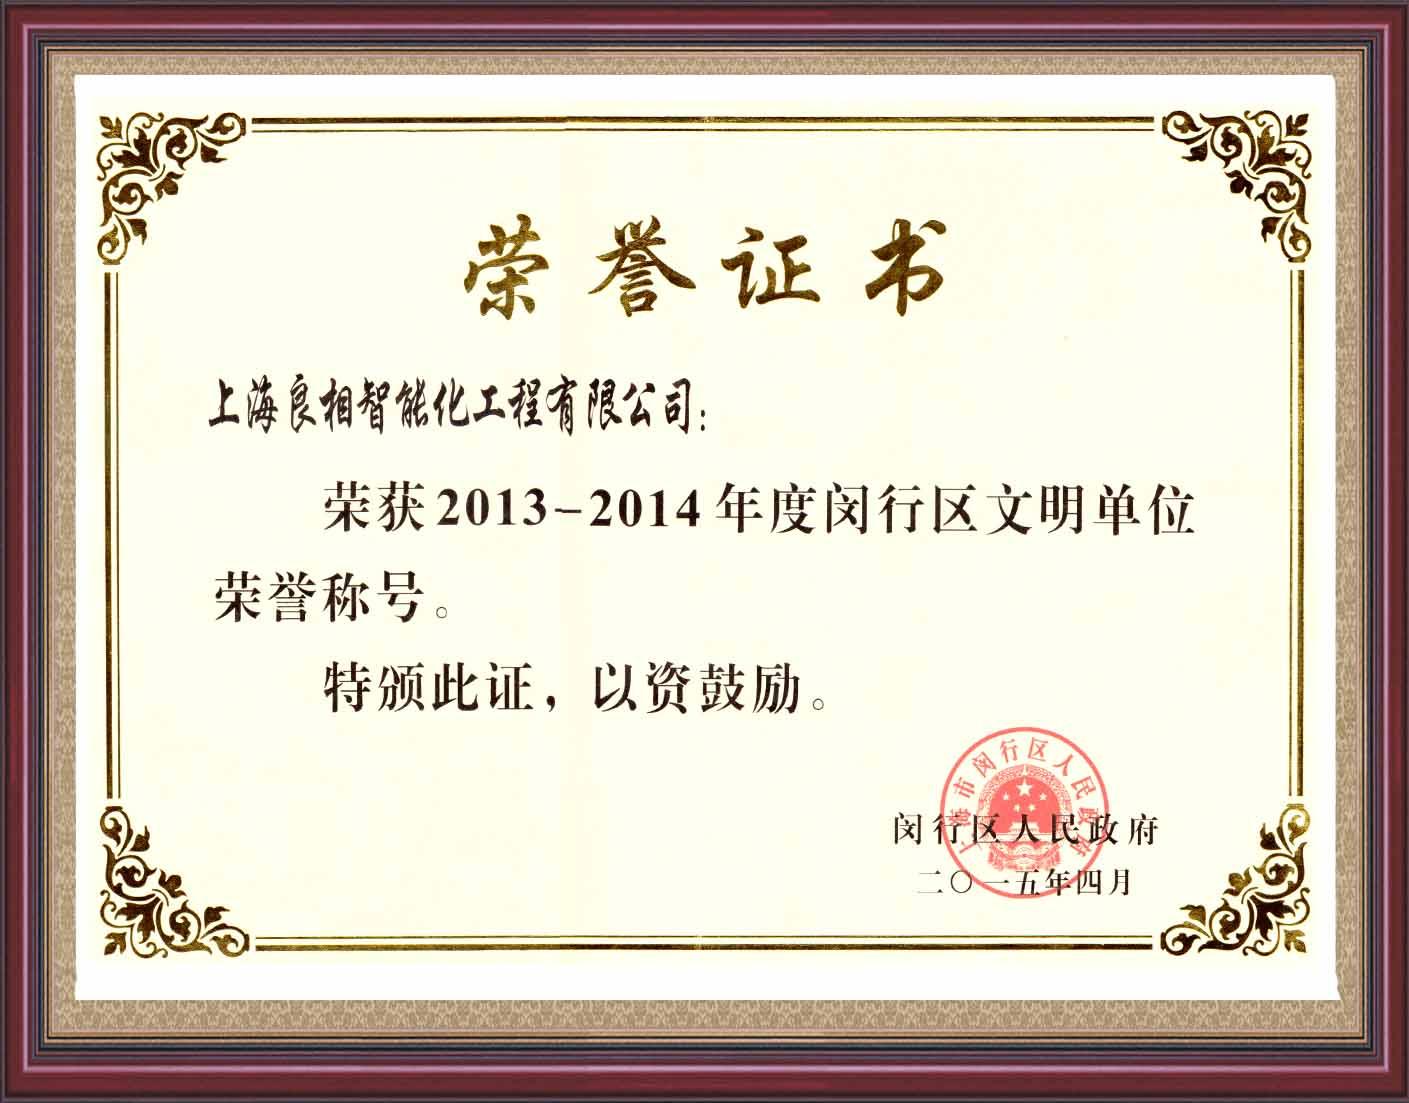 金口河区文明单位2013-2014寒暑